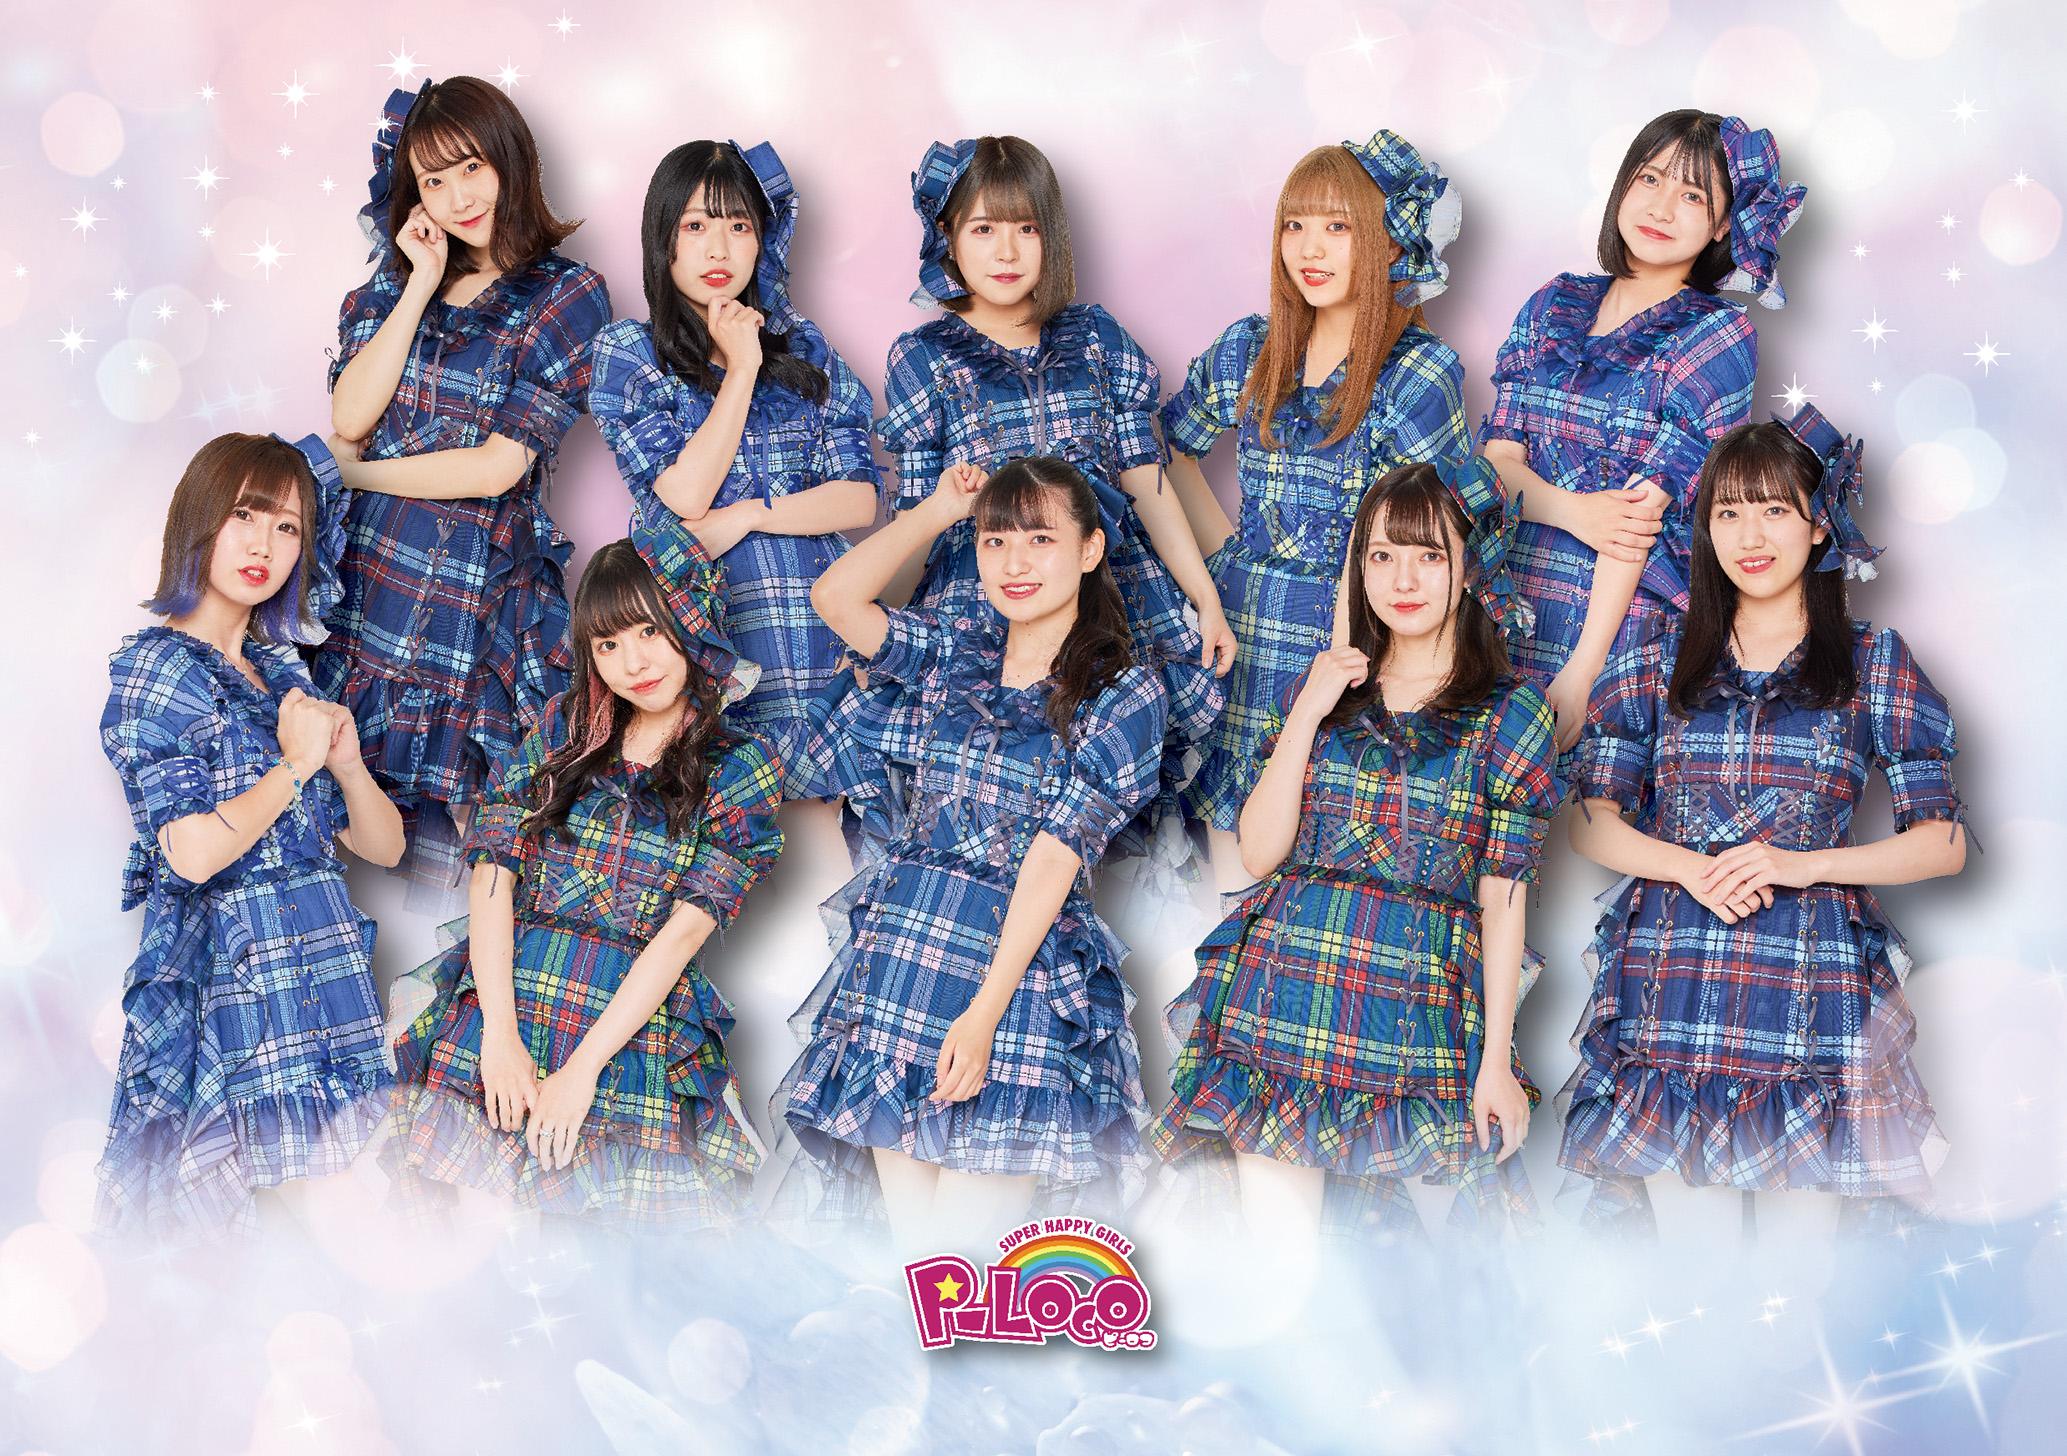 オーディション [名古屋]ロコ組3グループ新メンバー募集 主催:有限会社ロコ、カテゴリ:アイドル(東京以外)